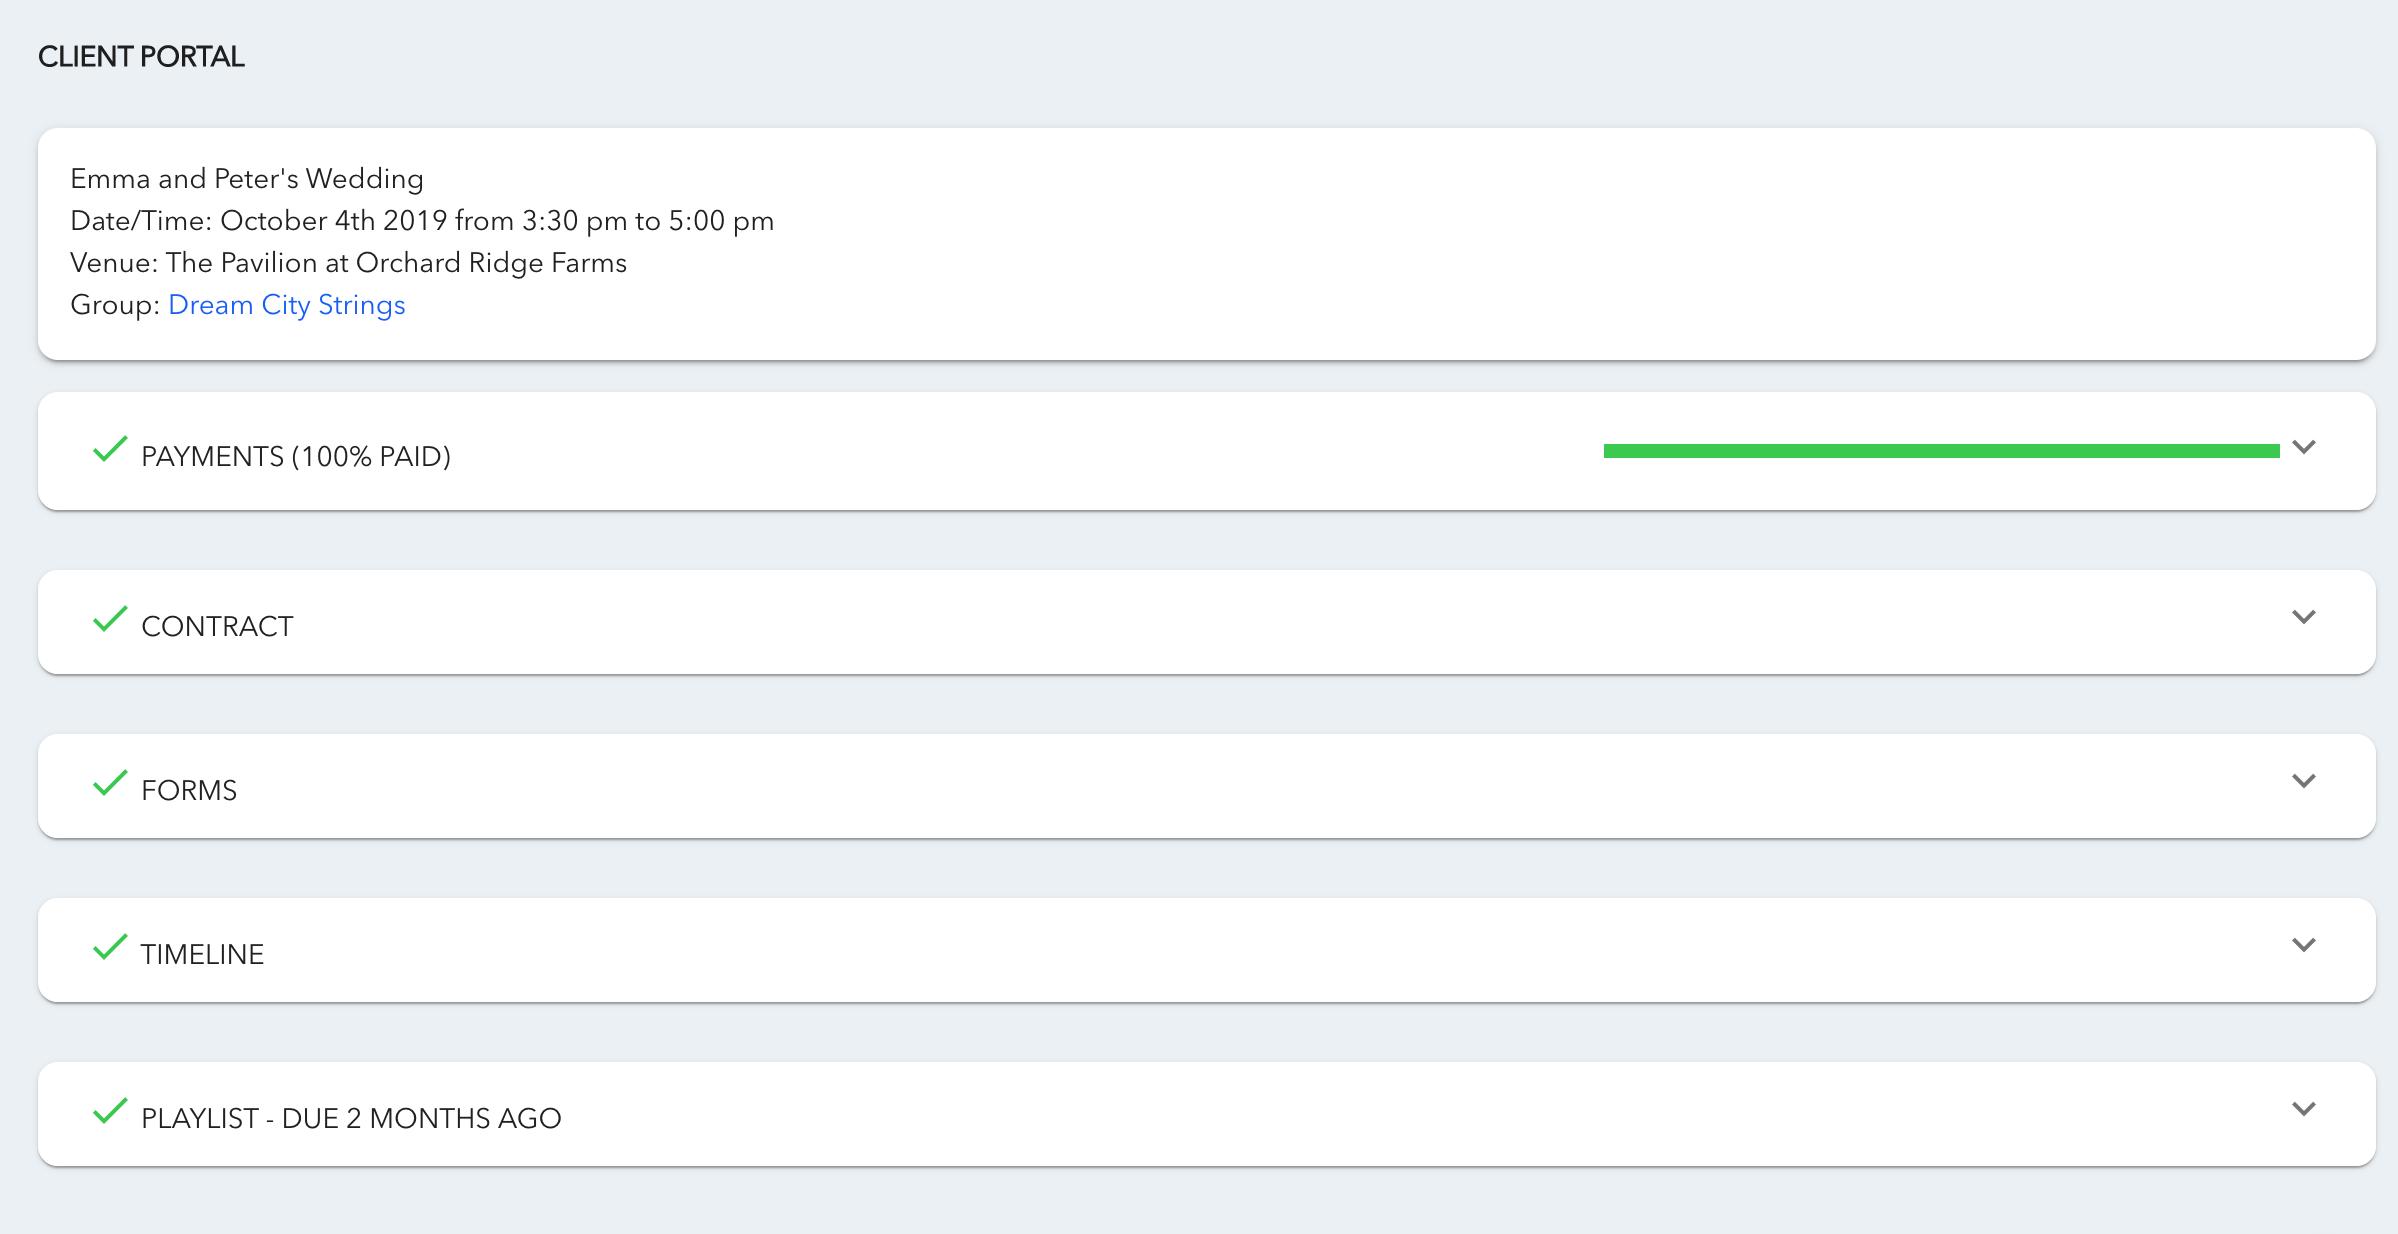 Image of client portal